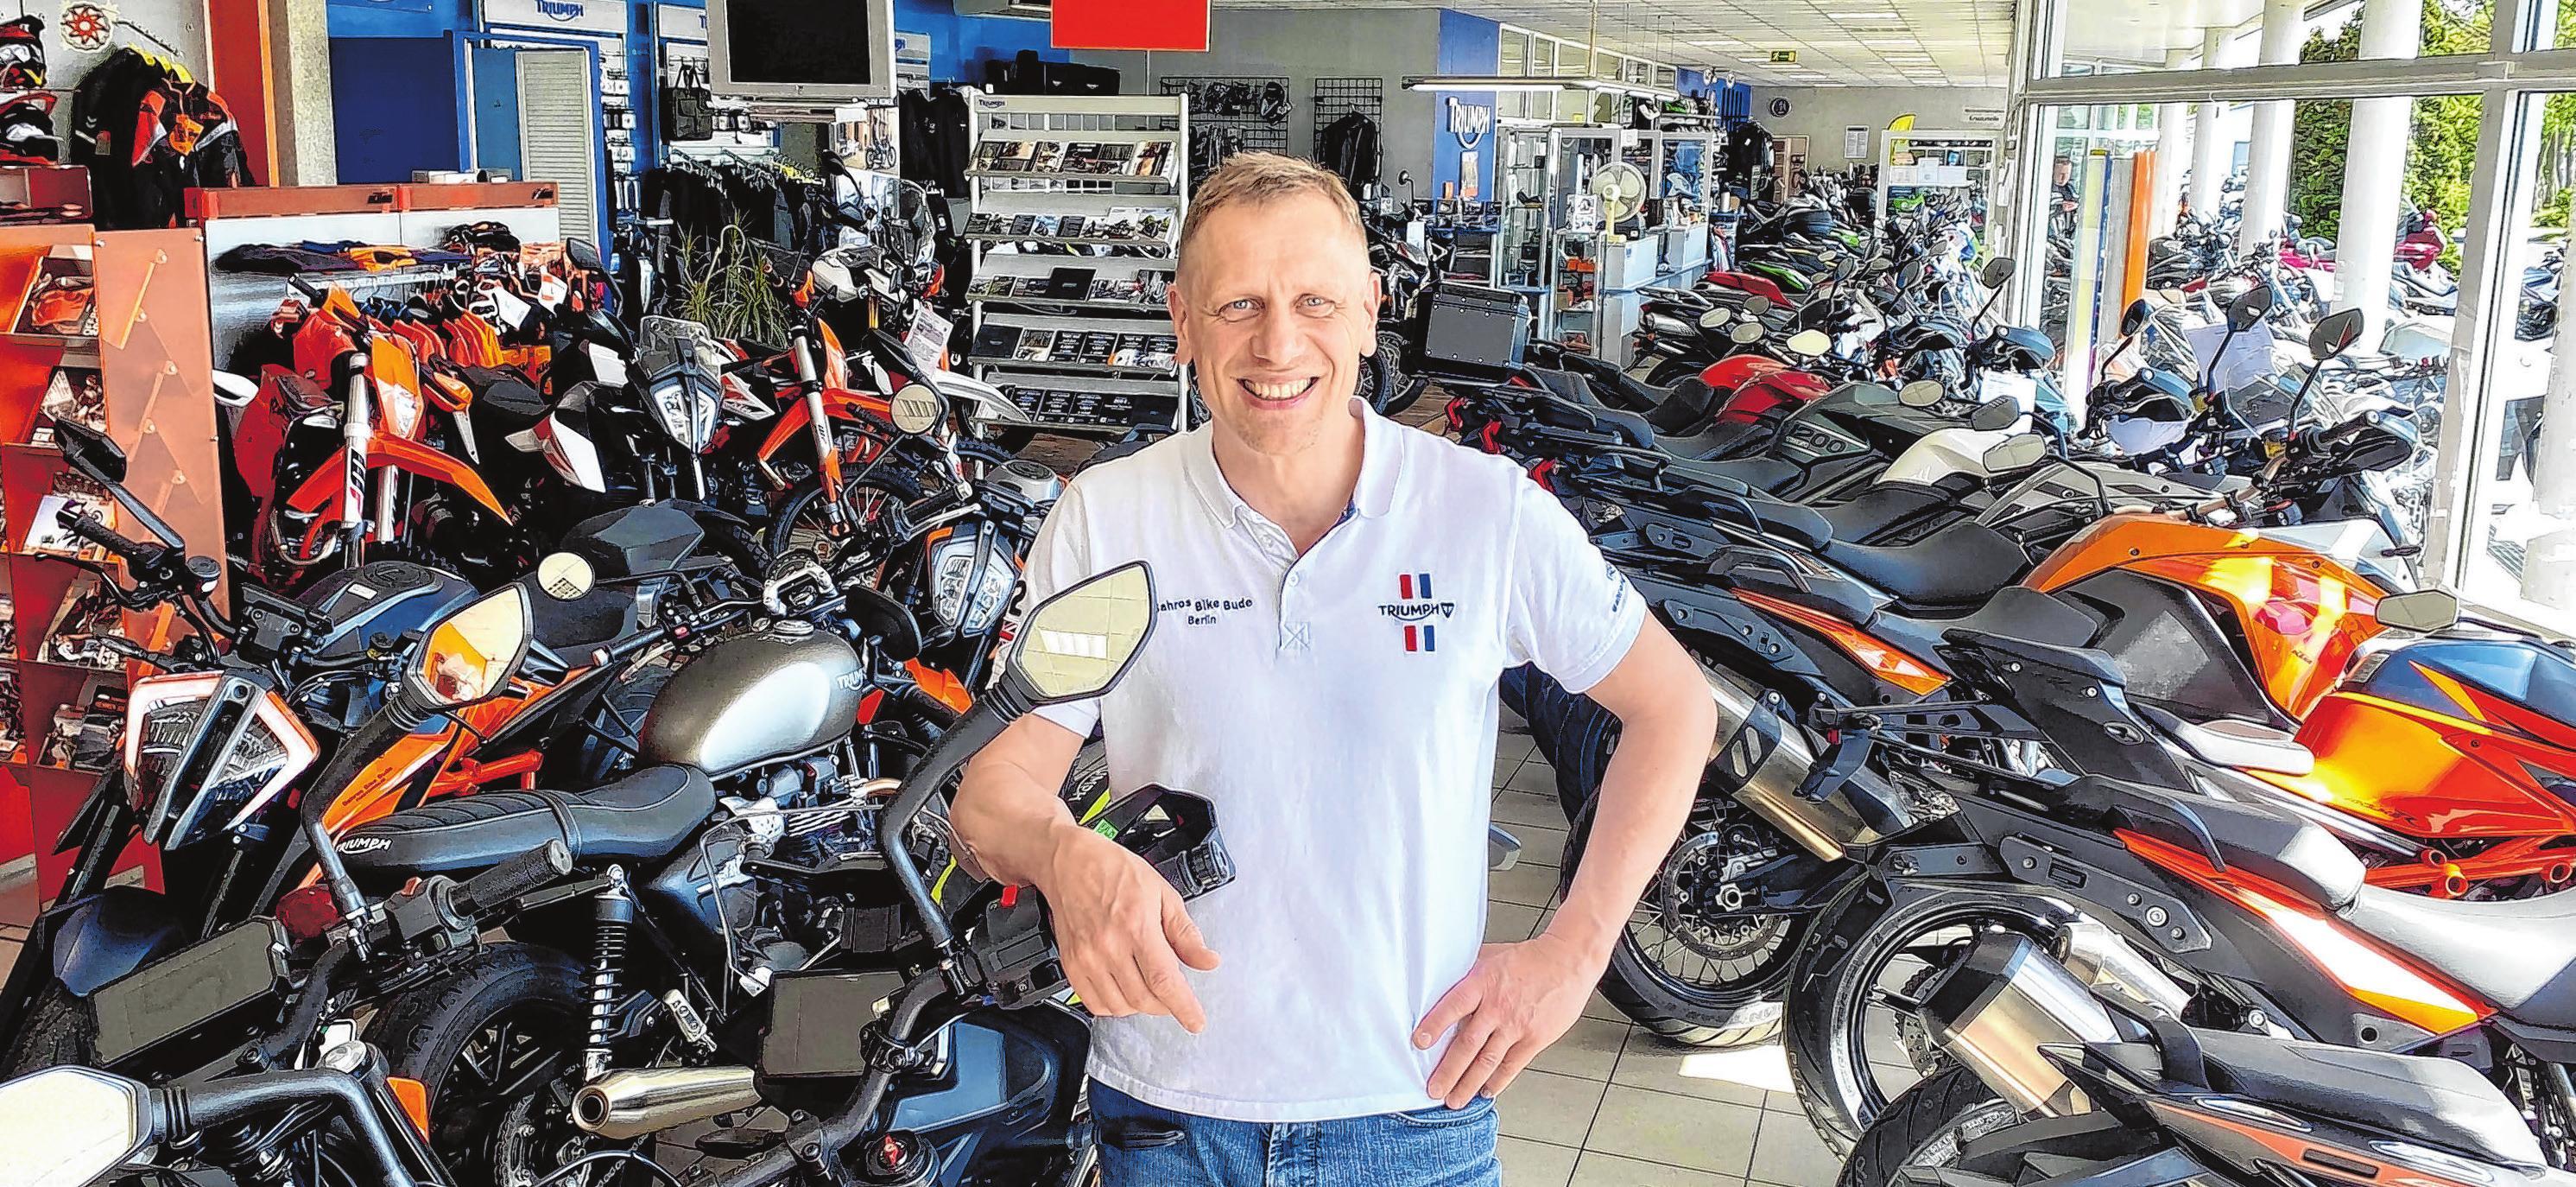 KTM und Triumph Fürstenwalde: Inhaber Stefan Bahro von der Bahros Bike Bude GmbH in der Ausstellungsfläche mit über 100 Motorrädern. Fotos: Alexander Winkler